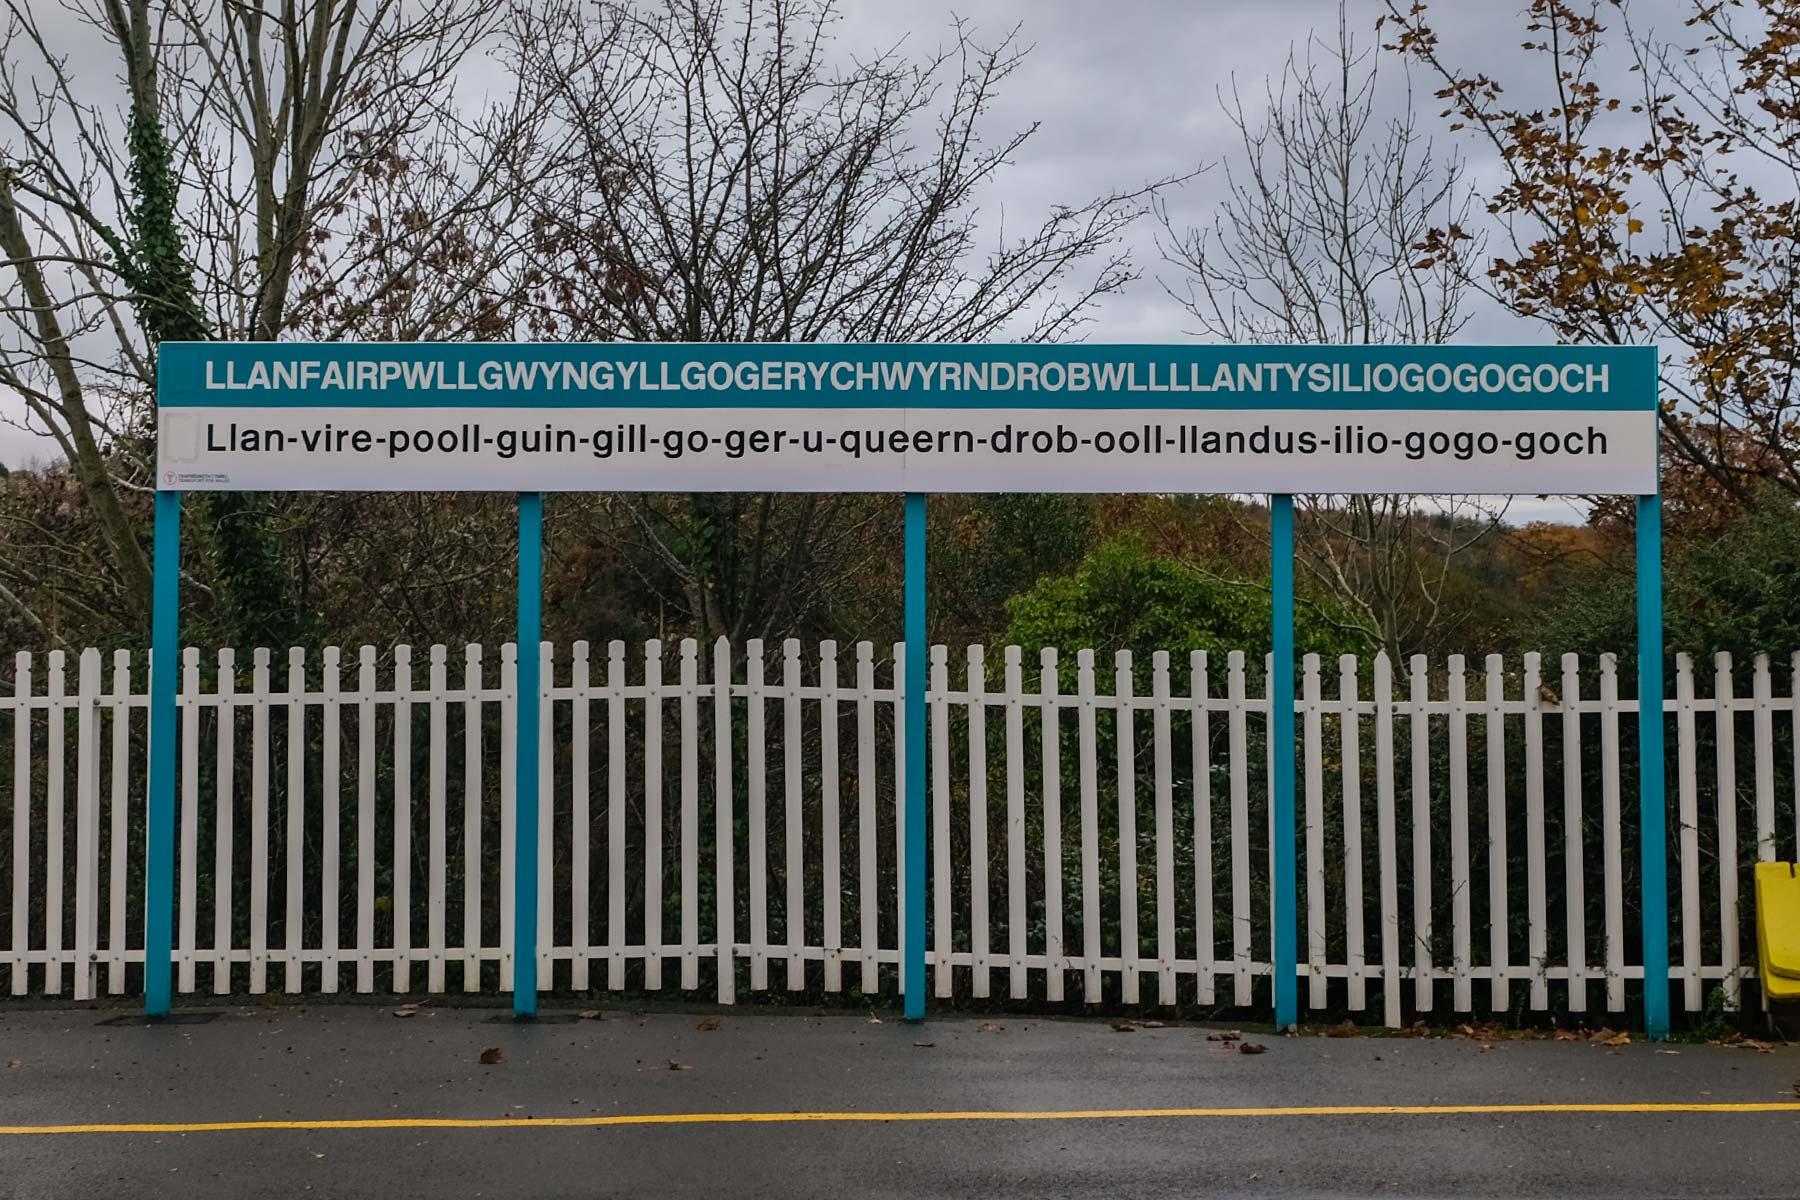 Gemeinde Llanfairpwllgwyngyllgogerychwyrndrobwllllantysiliogogogoch in Nord-Wales